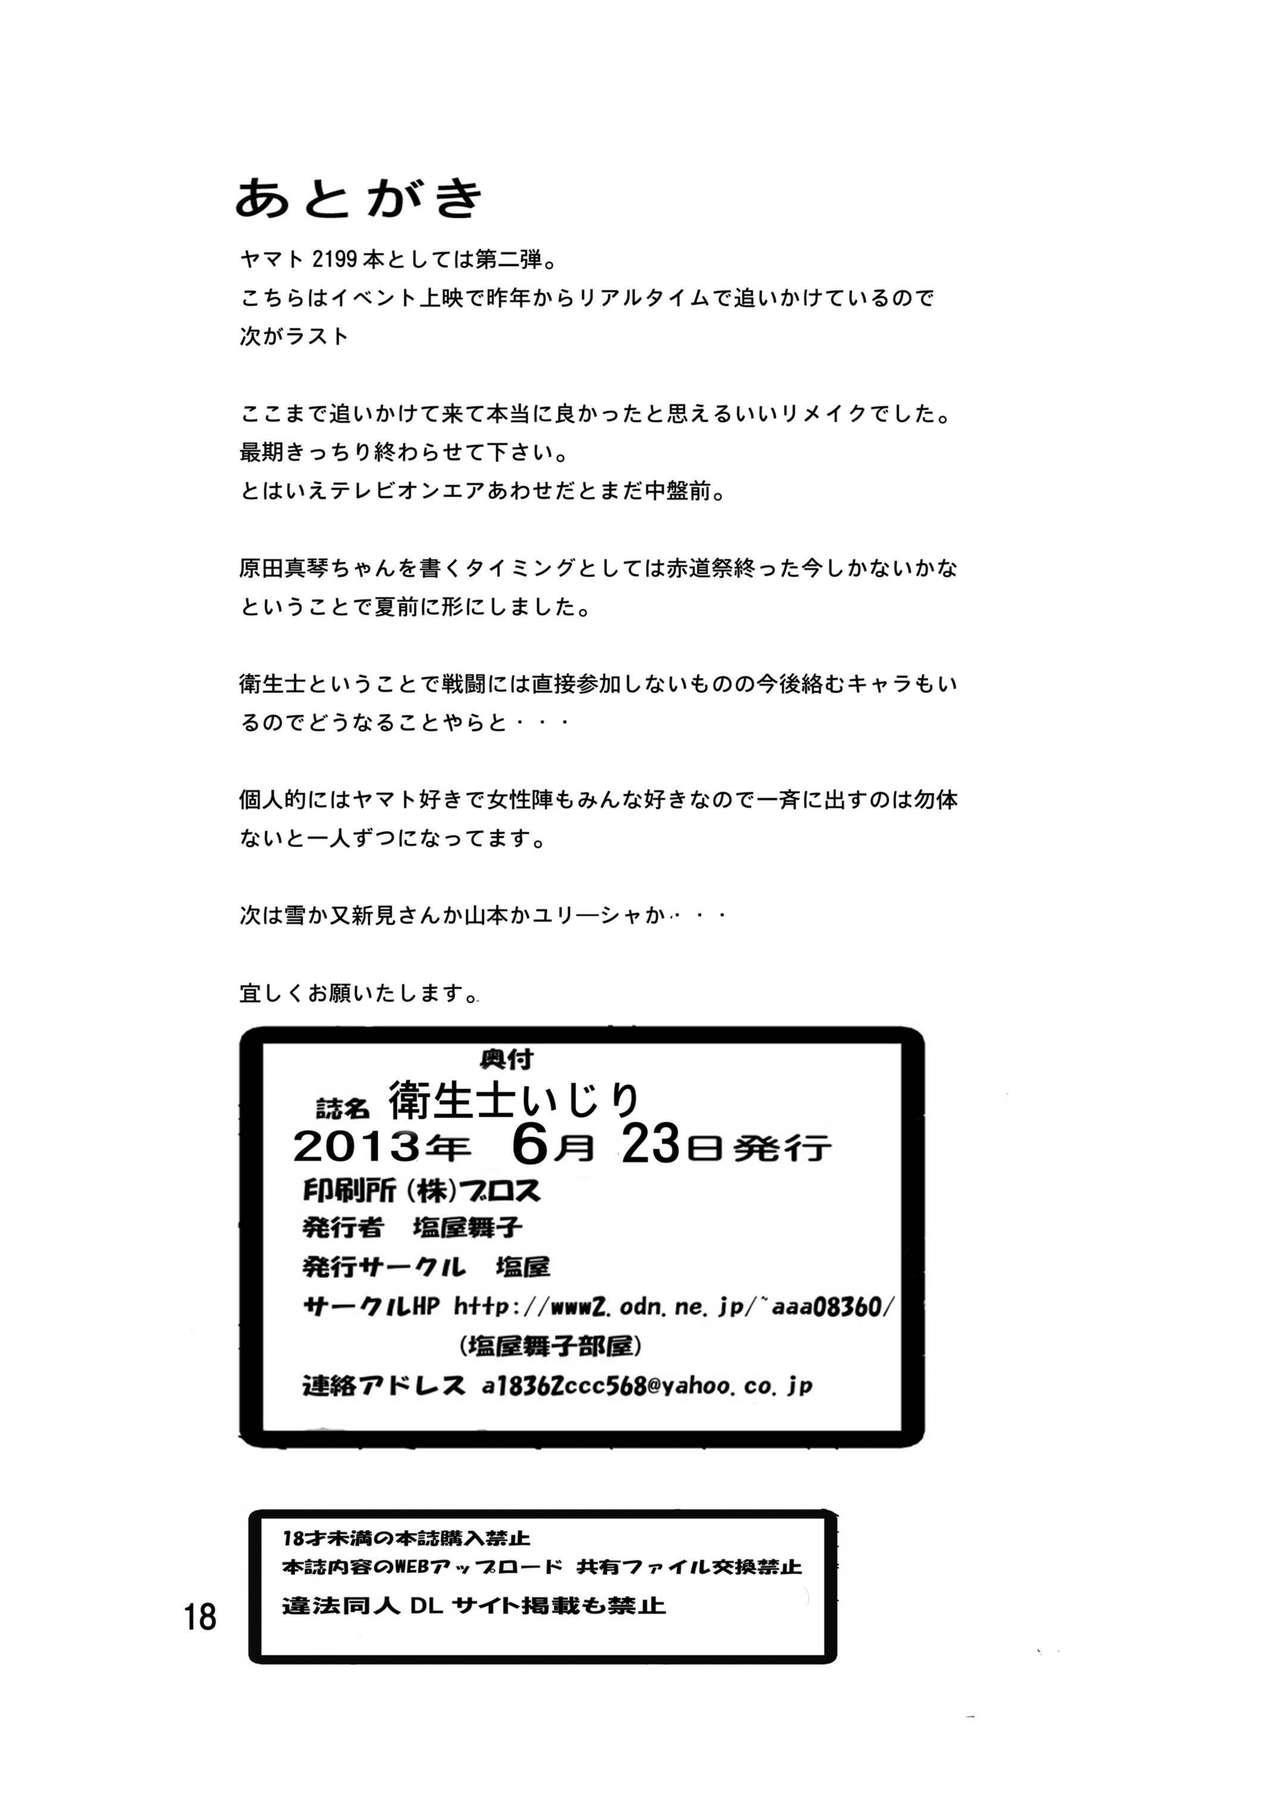 Eiseishi-ijiri 17